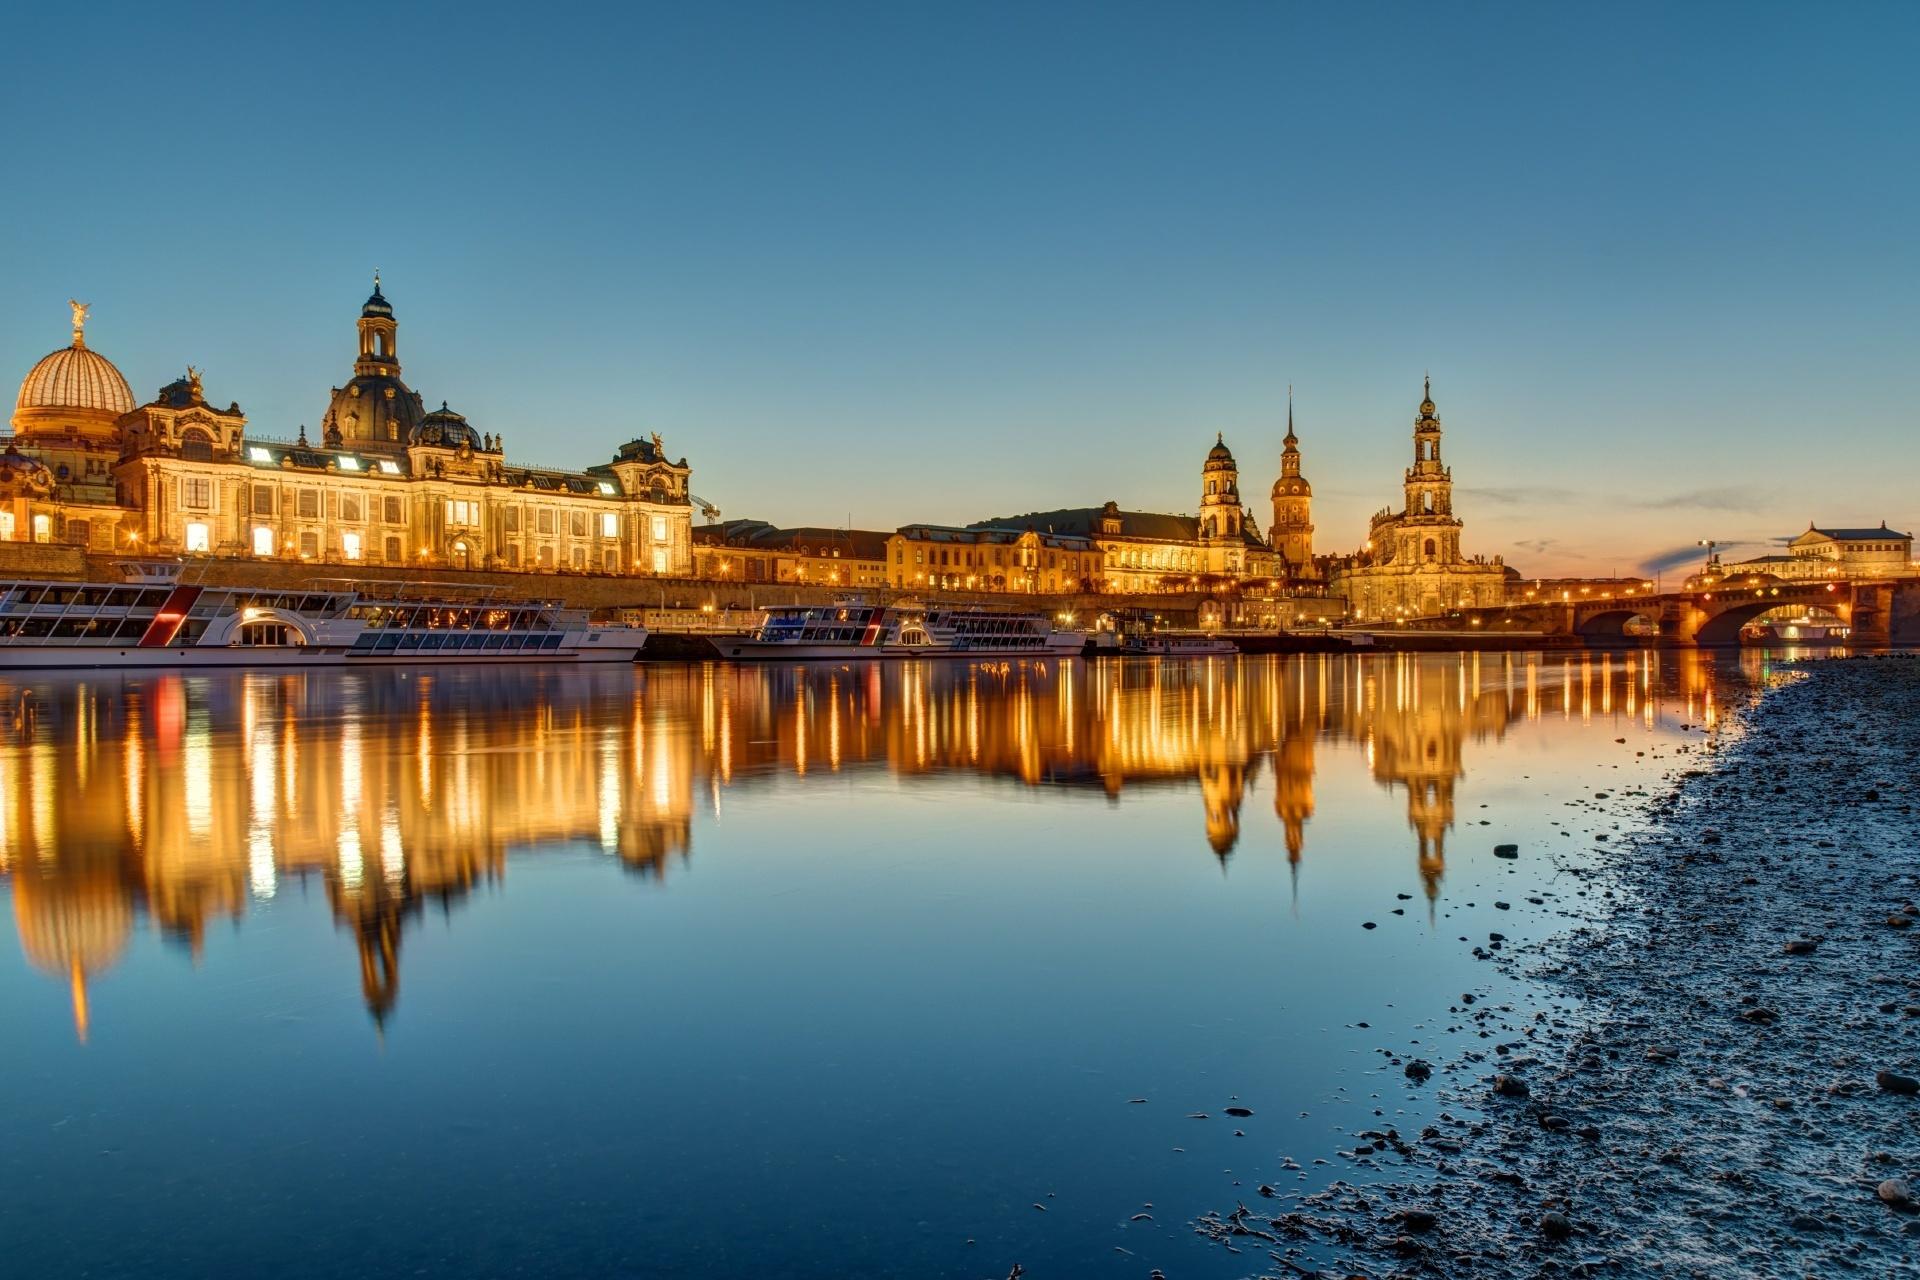 夜明けのドレスデンの風景 ドイツの風景